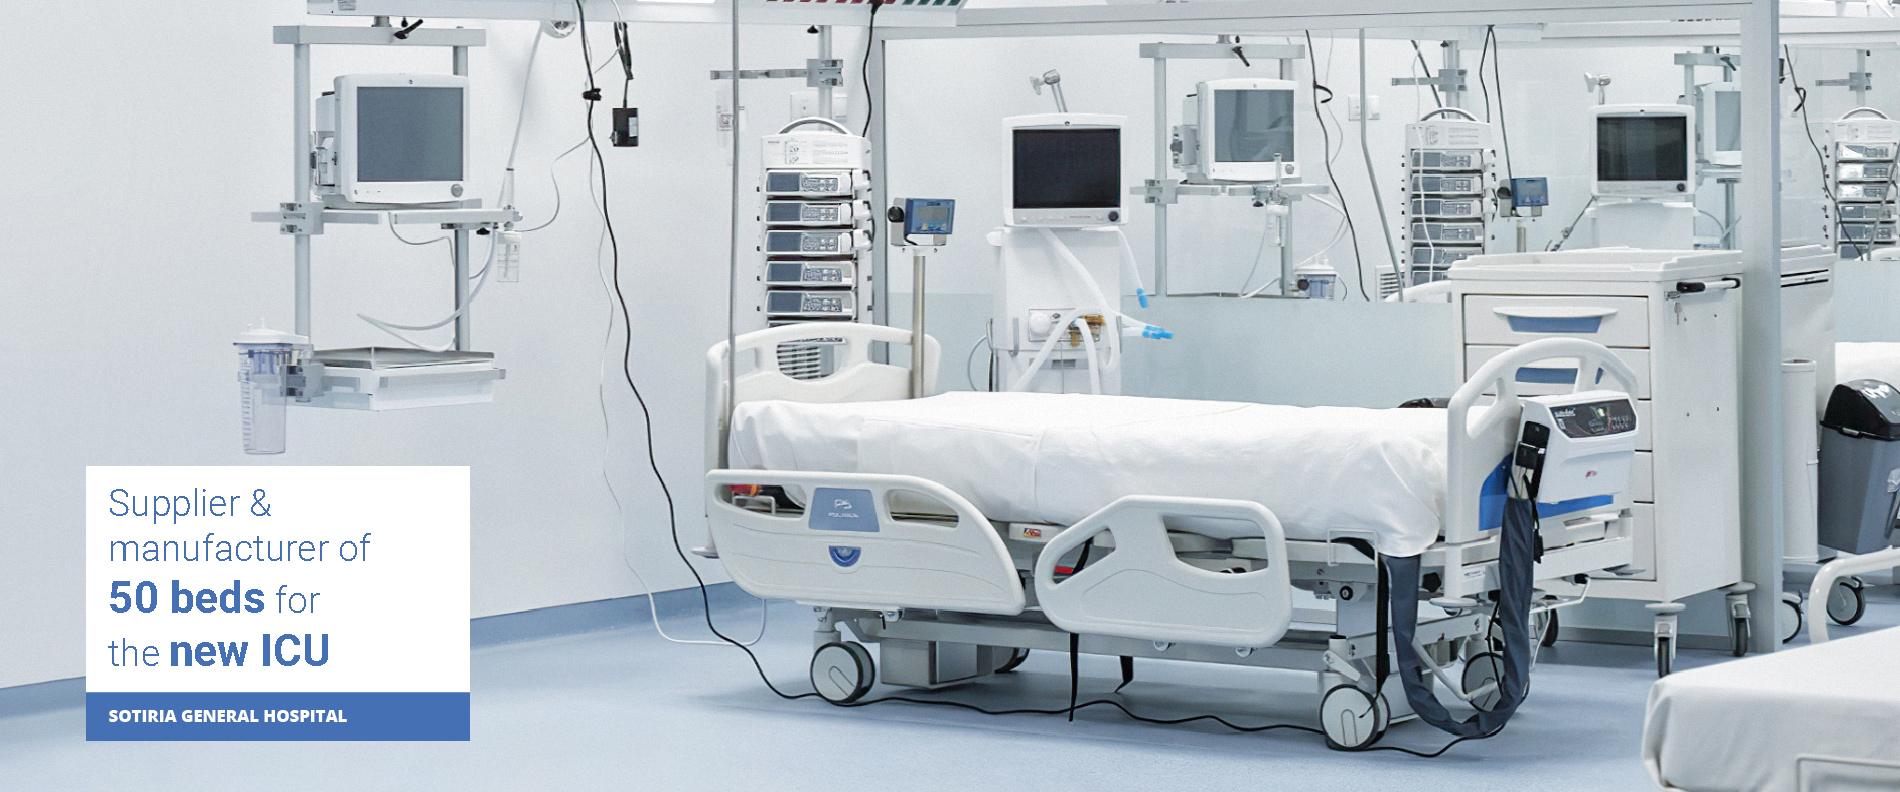 ICU Unit SOTIRIA GENERAL HOSPITAL